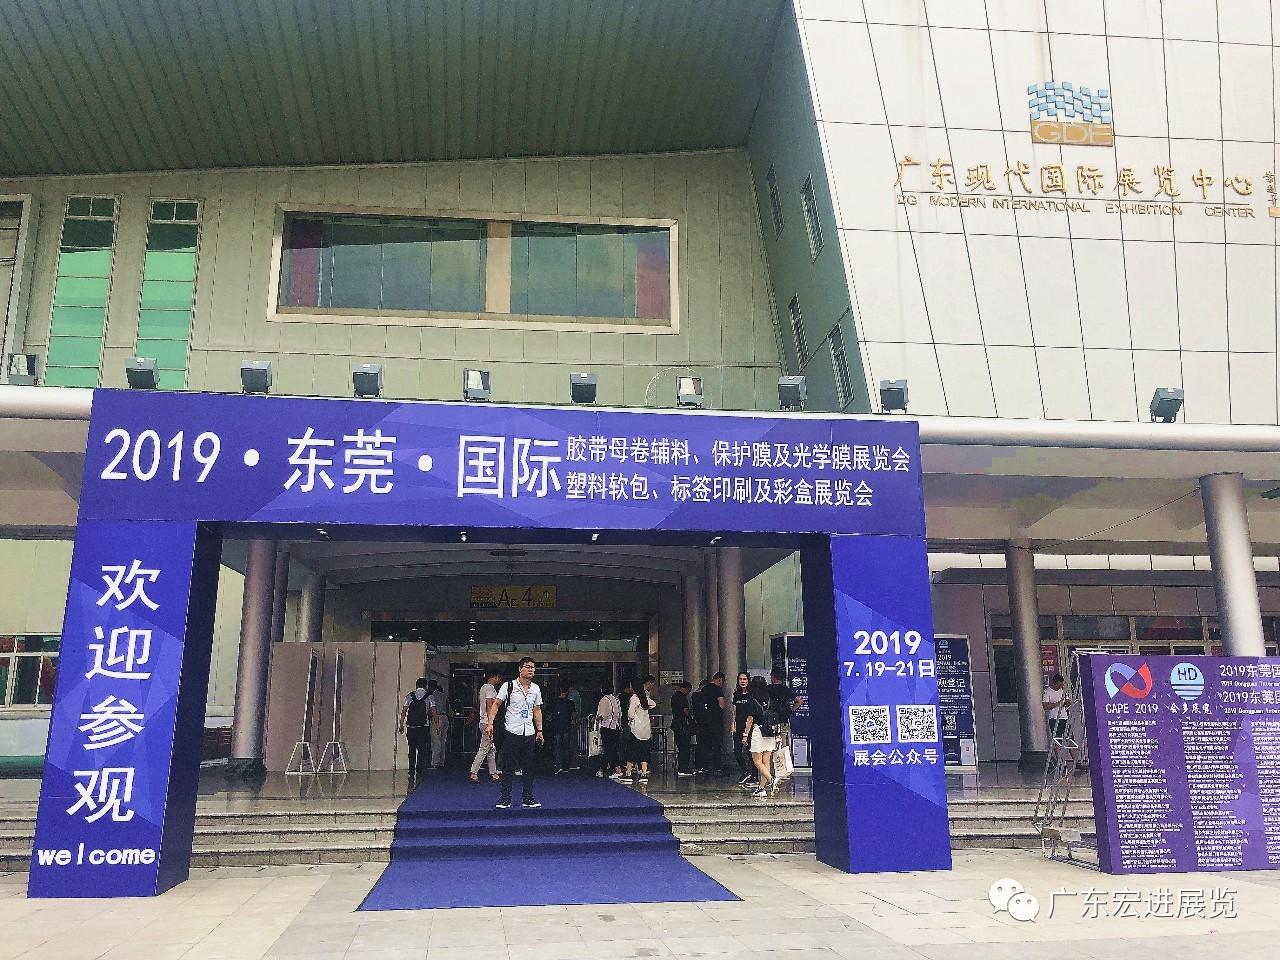 宏进主场丨第13届东莞胶粘带、保护膜暨光学膜展览会今日在厚街举行